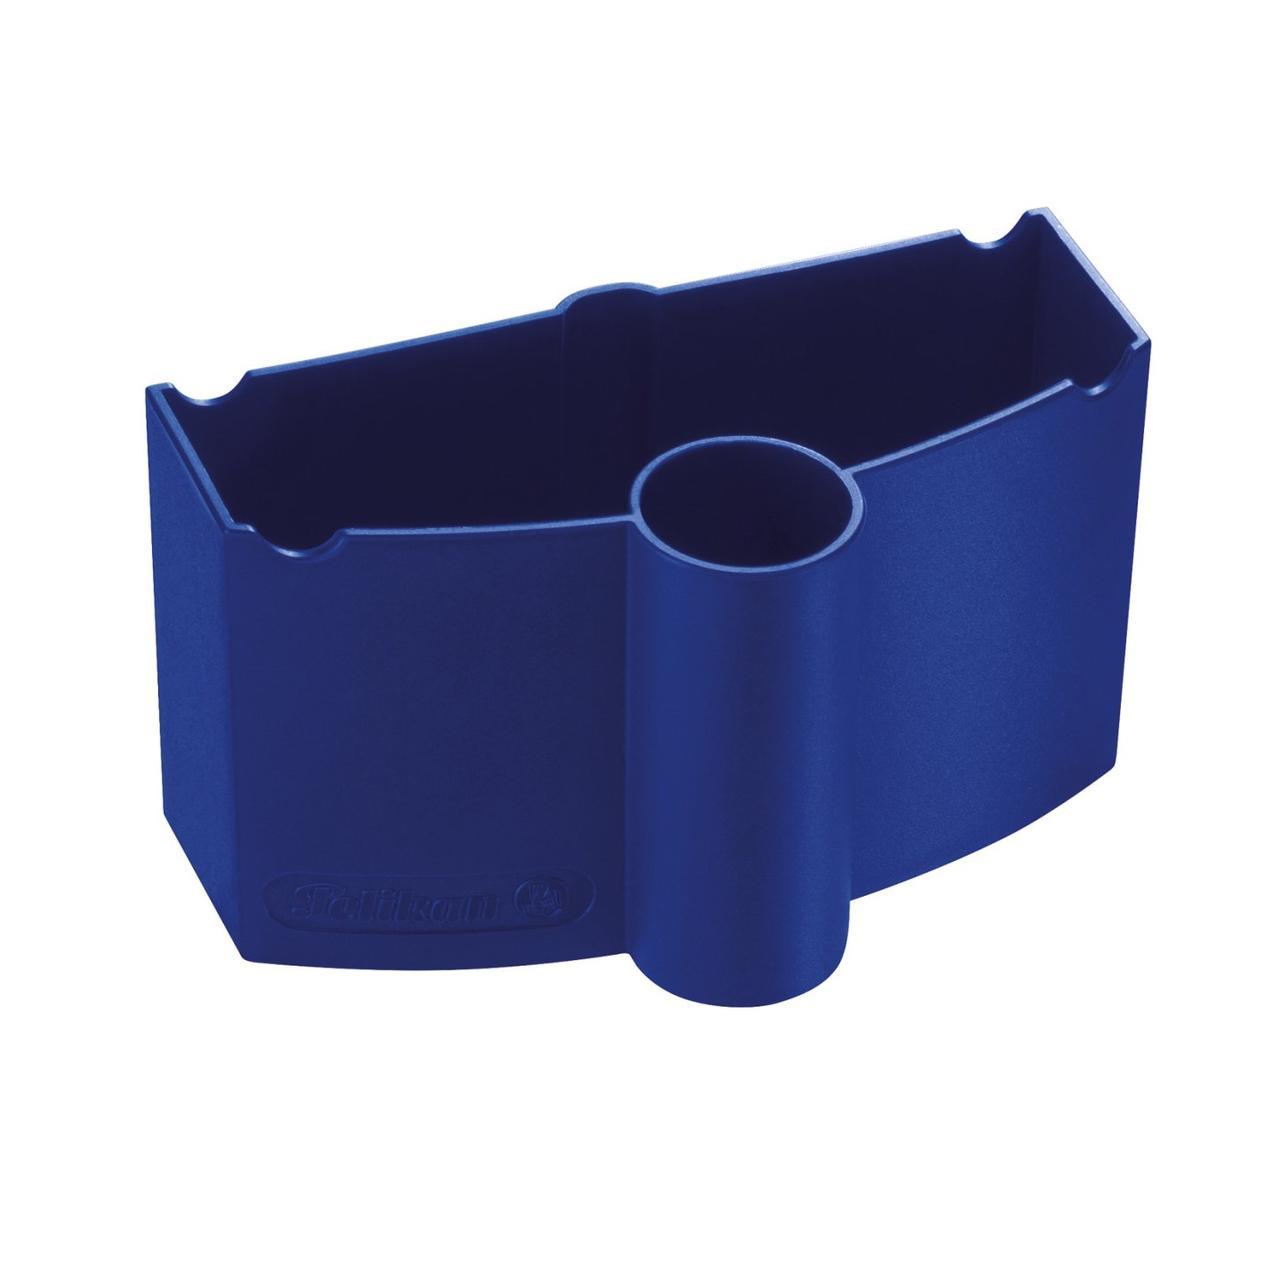 Стакан-непроливайка Pelikan K12 синий